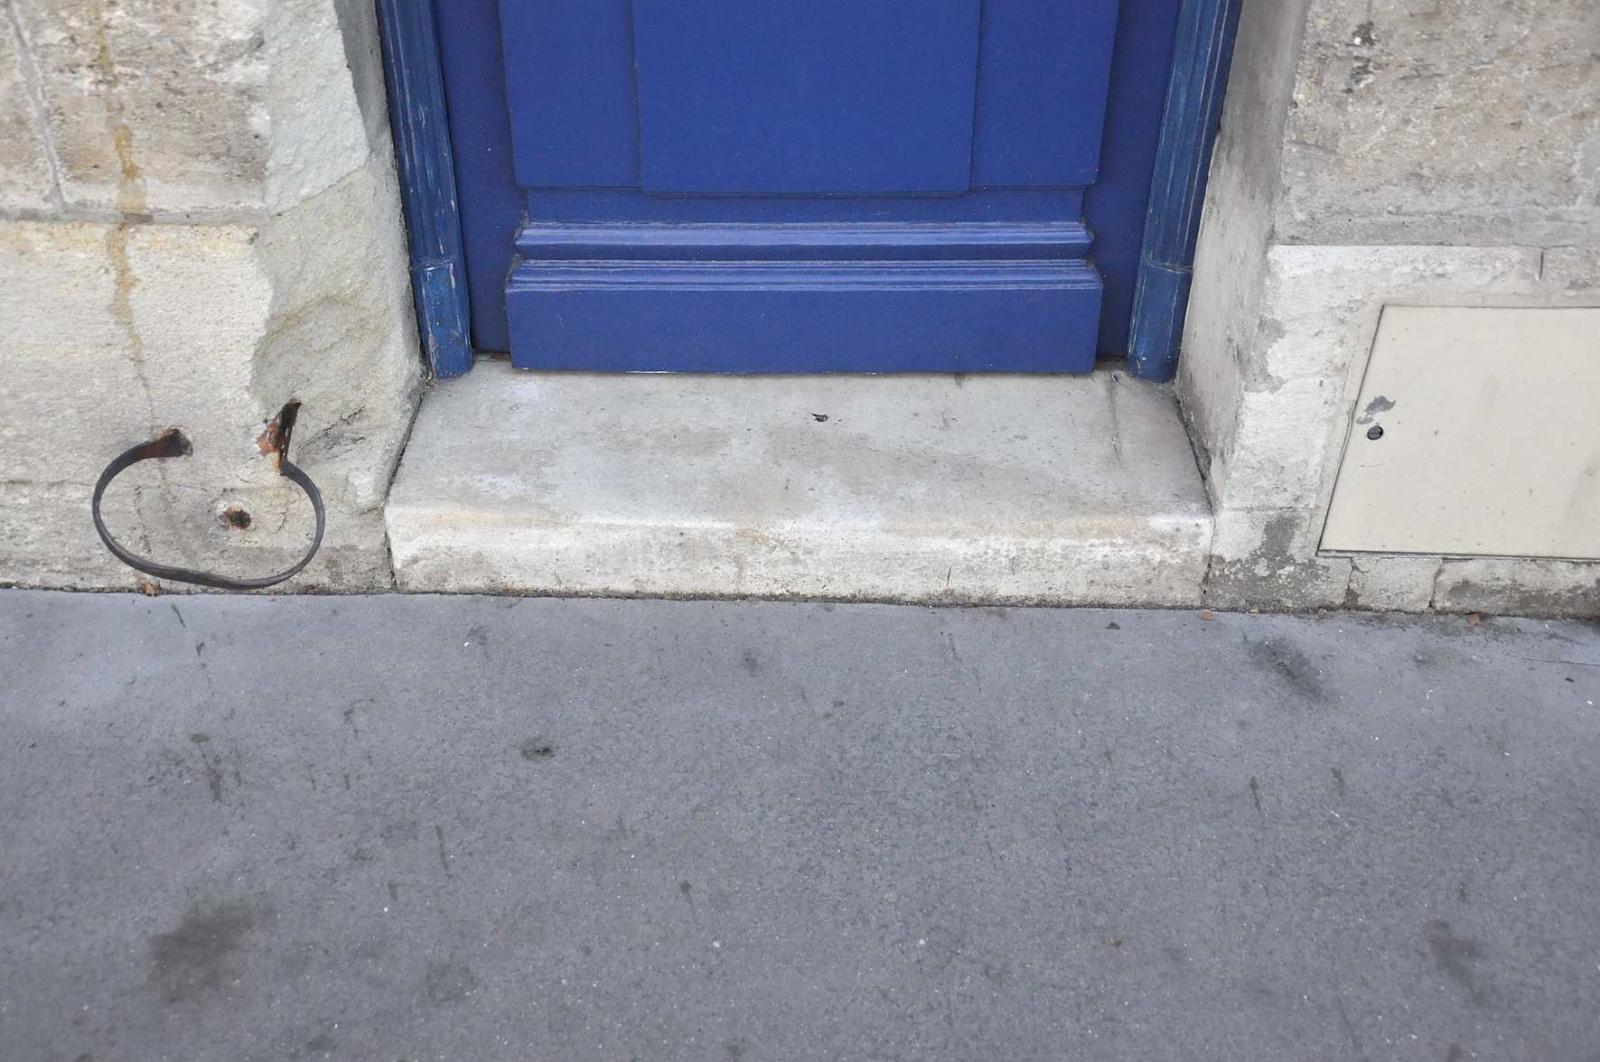 Pas de porte espace entre deux seuil denis thomas photographies - Cabinet radiologie avenue thiers bordeaux ...